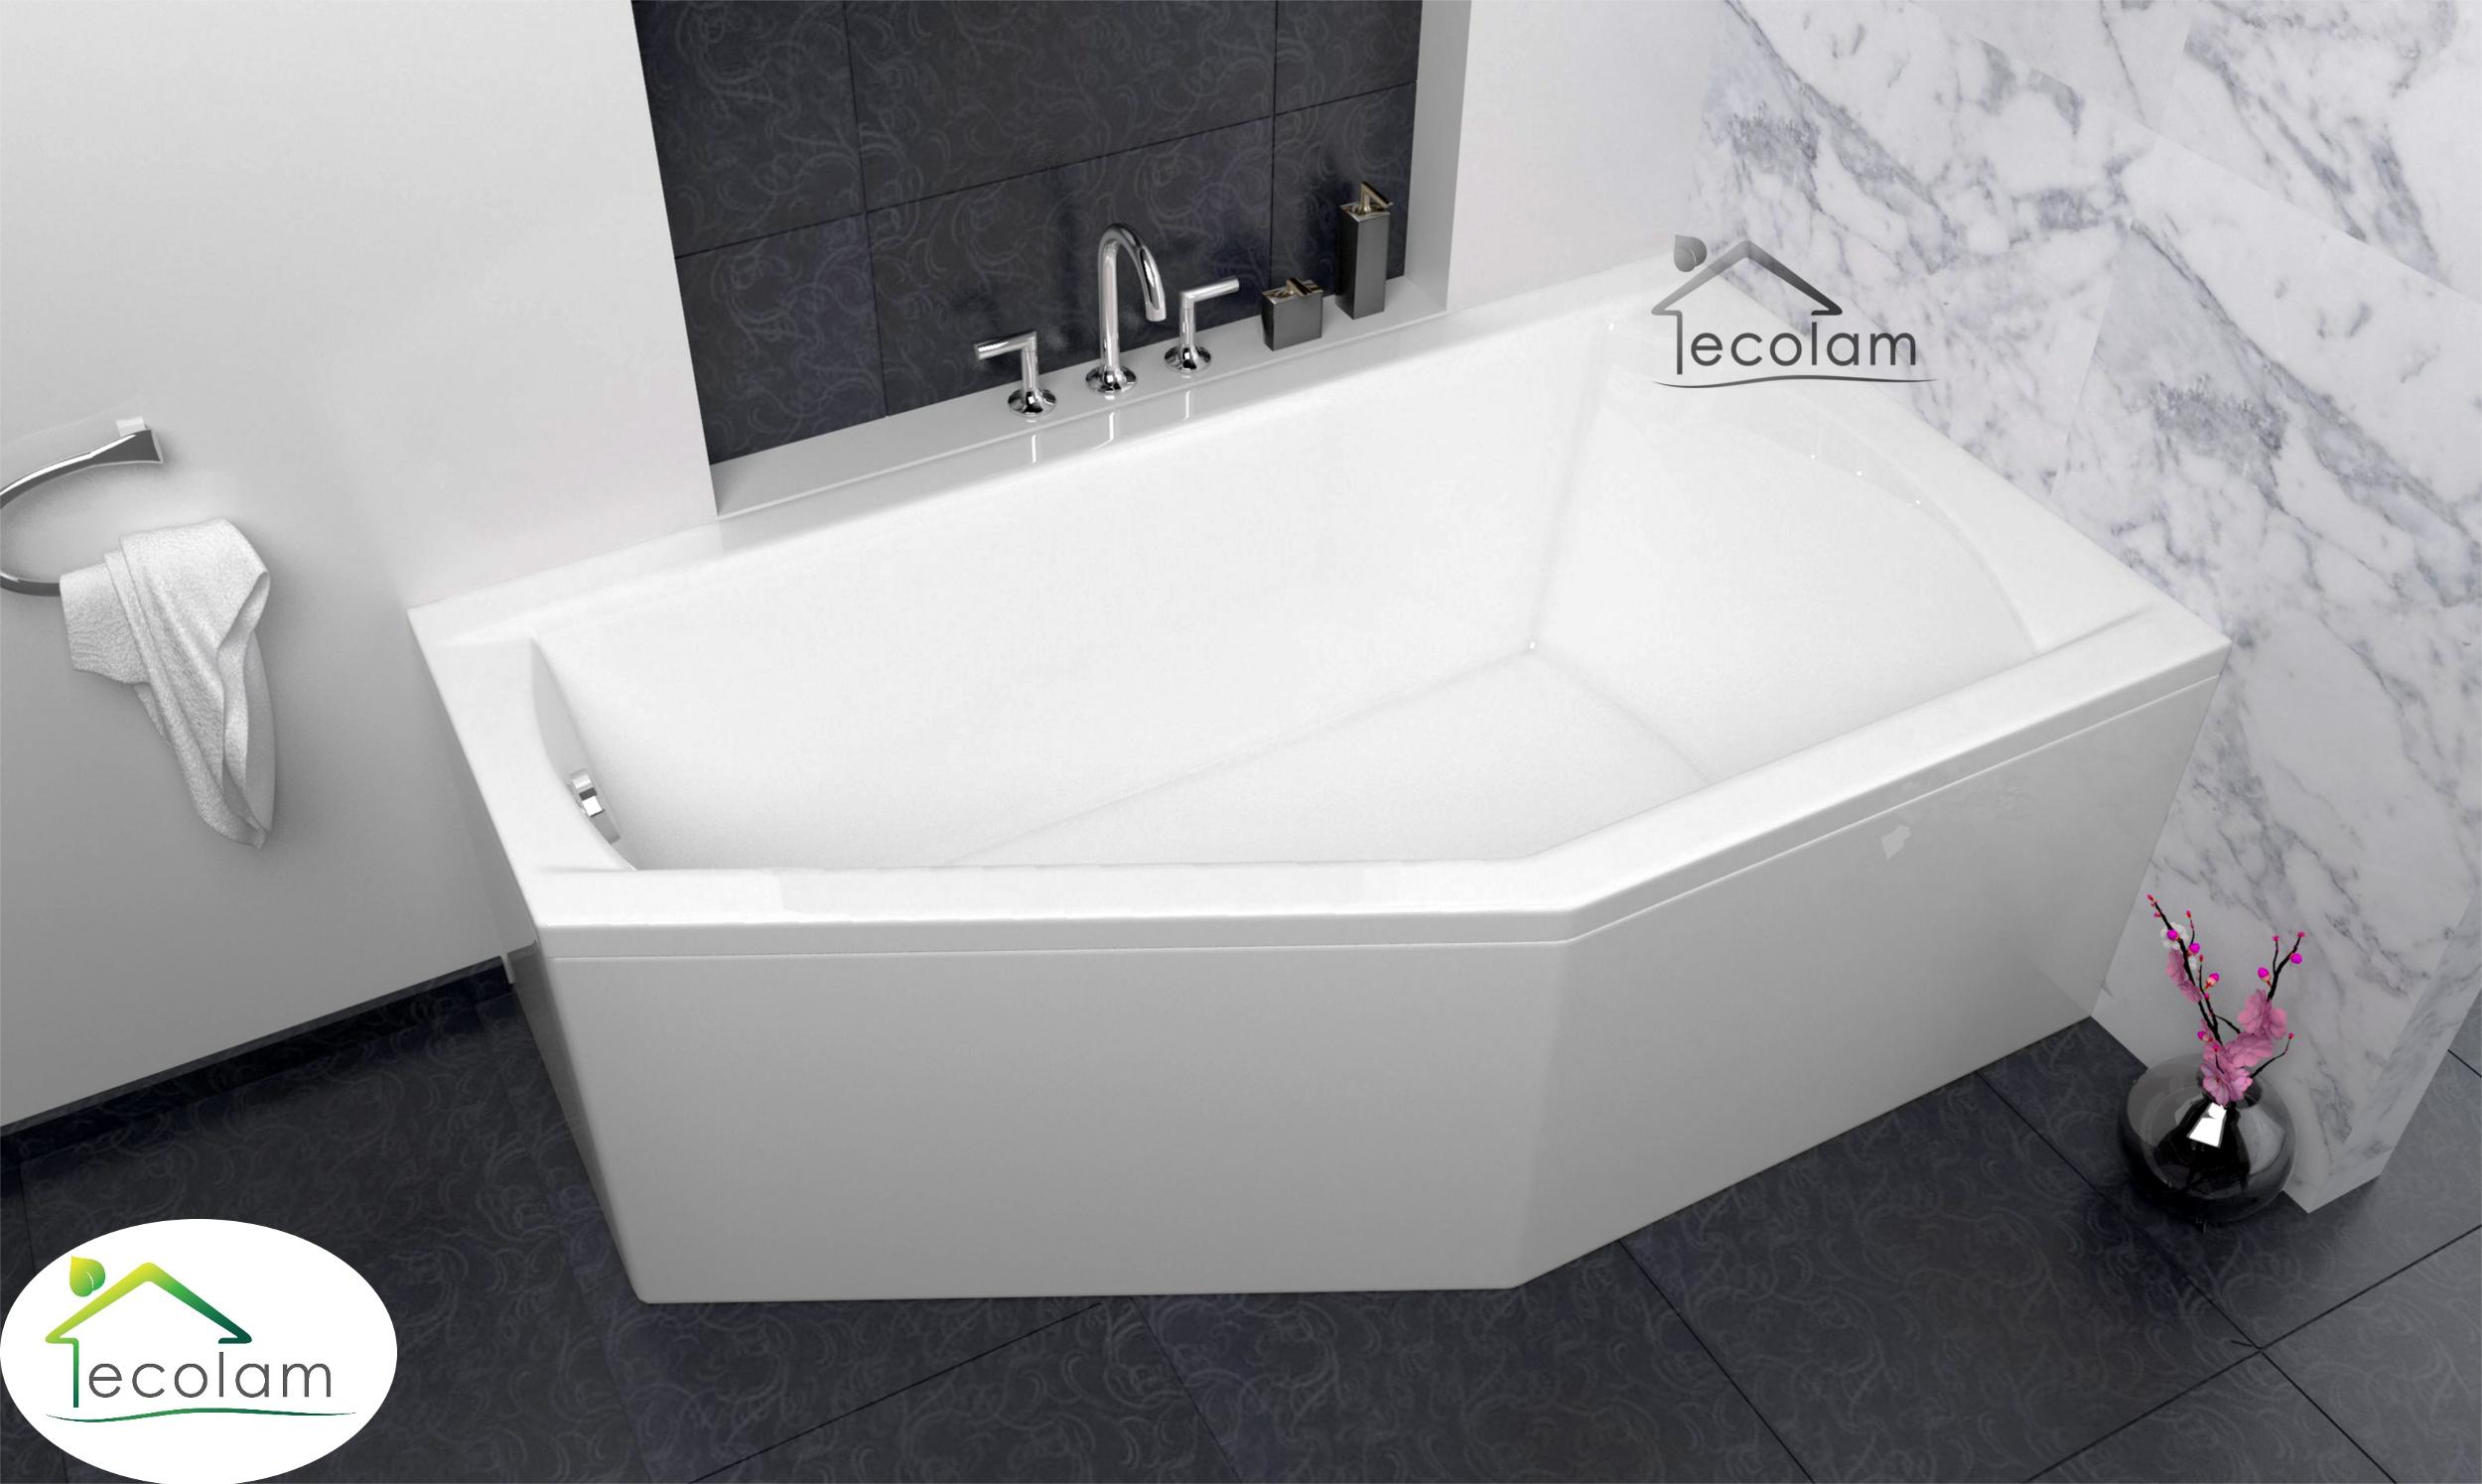 badewanne eckbadewanne acryl 160 x 90 cm sch rze ablauf. Black Bedroom Furniture Sets. Home Design Ideas